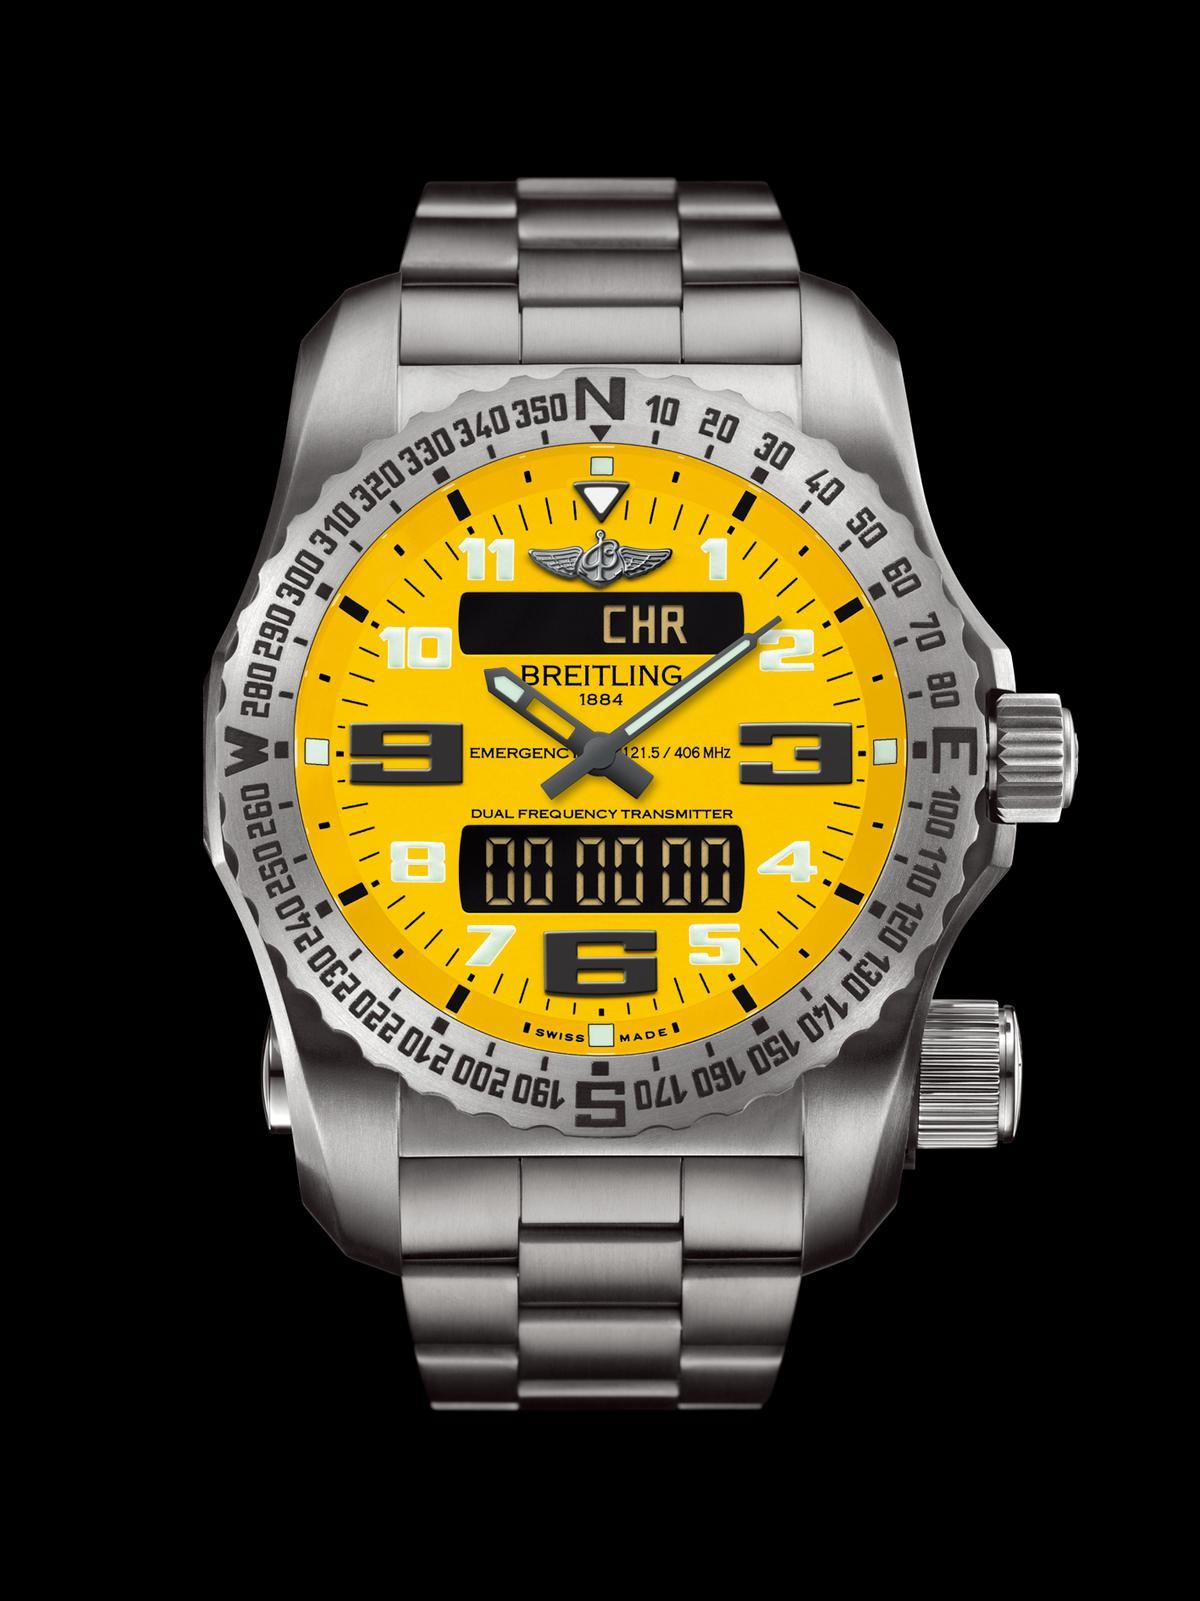 百年靈甚至還幫飛行員開發了一款、也是全球唯一一款名為「Emergency」的緊急求救腕錶,在急難時可以發出國際標準規格的求救訊號,自1995年發表以來已堂堂邁入第二代。百年靈76型石英機芯/鈦金屬材質/錶徑51mm /時、分指示/多功能液晶顯示/ 支援COSPAS-SARSAT全球衛星搜救系統之緊急求救功能/藍寶石水晶錶鏡/防水50米/建議售價:NT$555,100